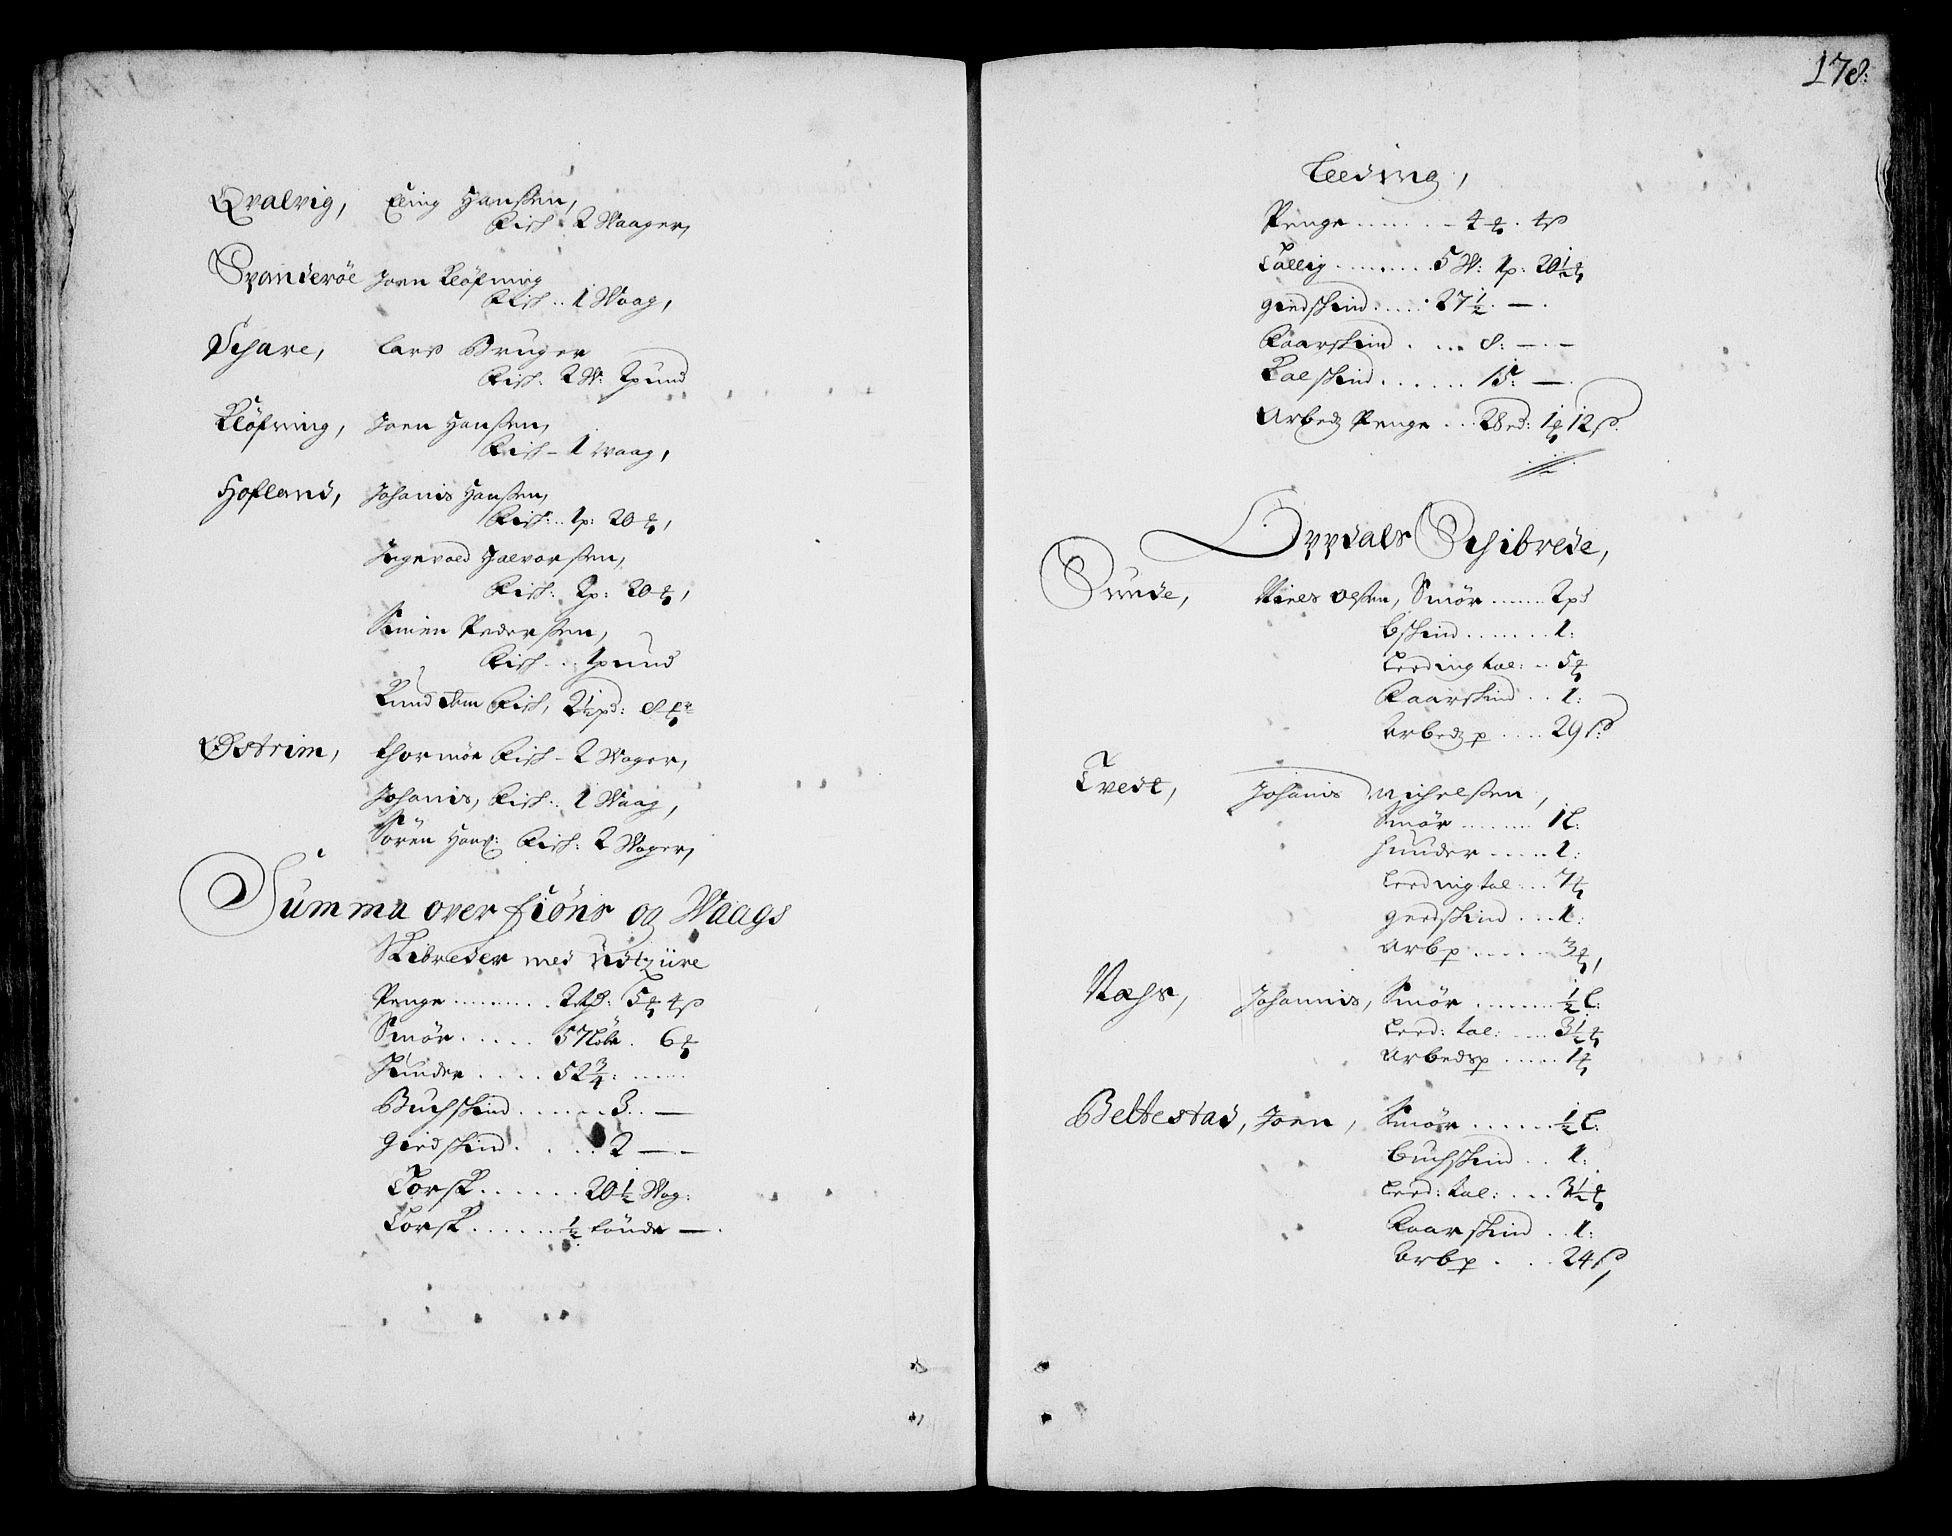 RA, Rentekammeret inntil 1814, Realistisk ordnet avdeling, On/L0002: [Jj 3]: Besiktigelsesforretninger over Halsnøy klosters gods, 1659-1703, s. 177b-178a